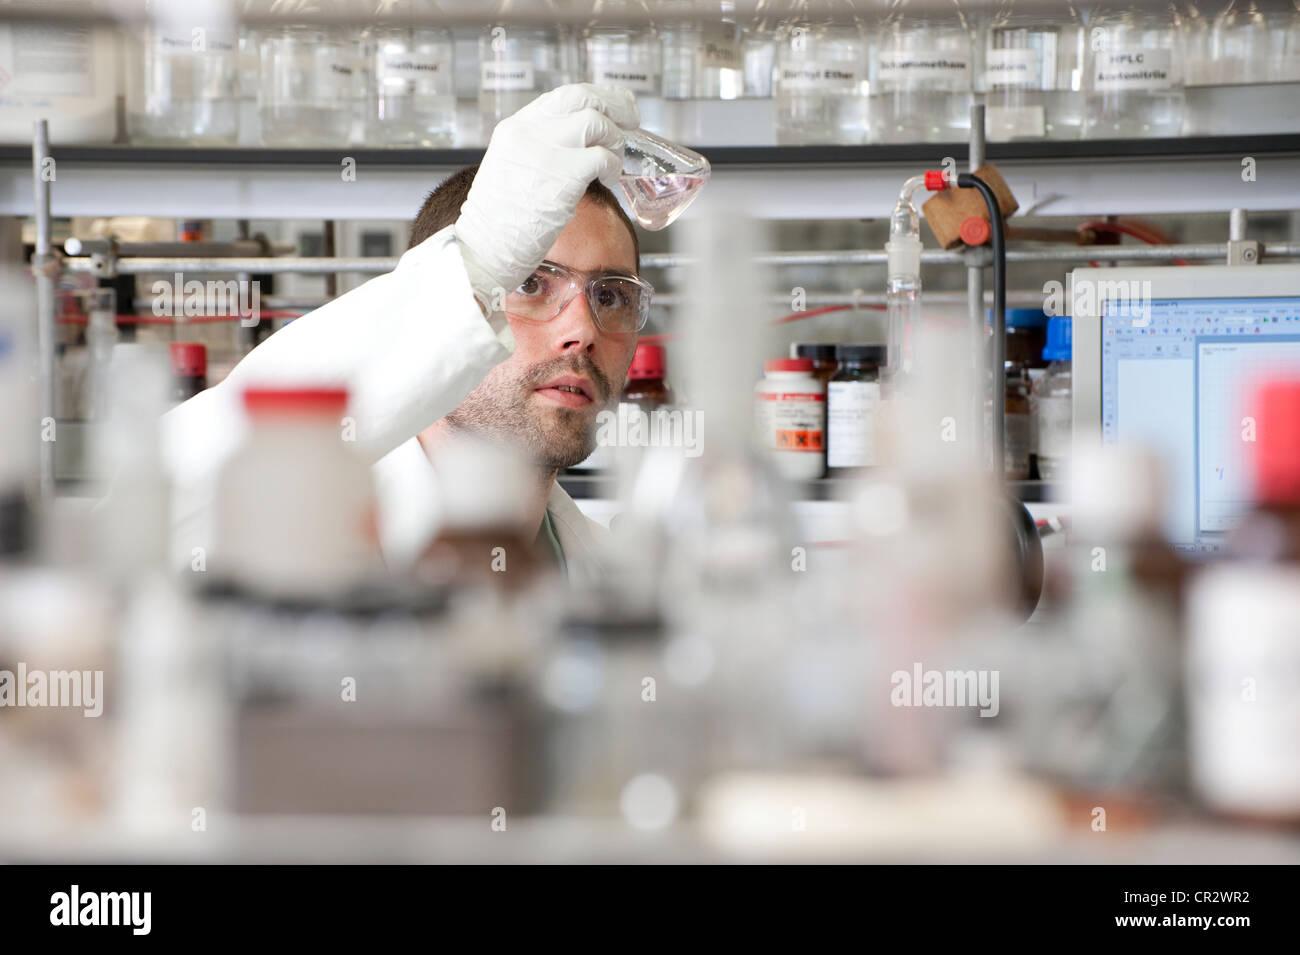 Técnico de laboratorio trabajan en el laboratorio Imagen De Stock